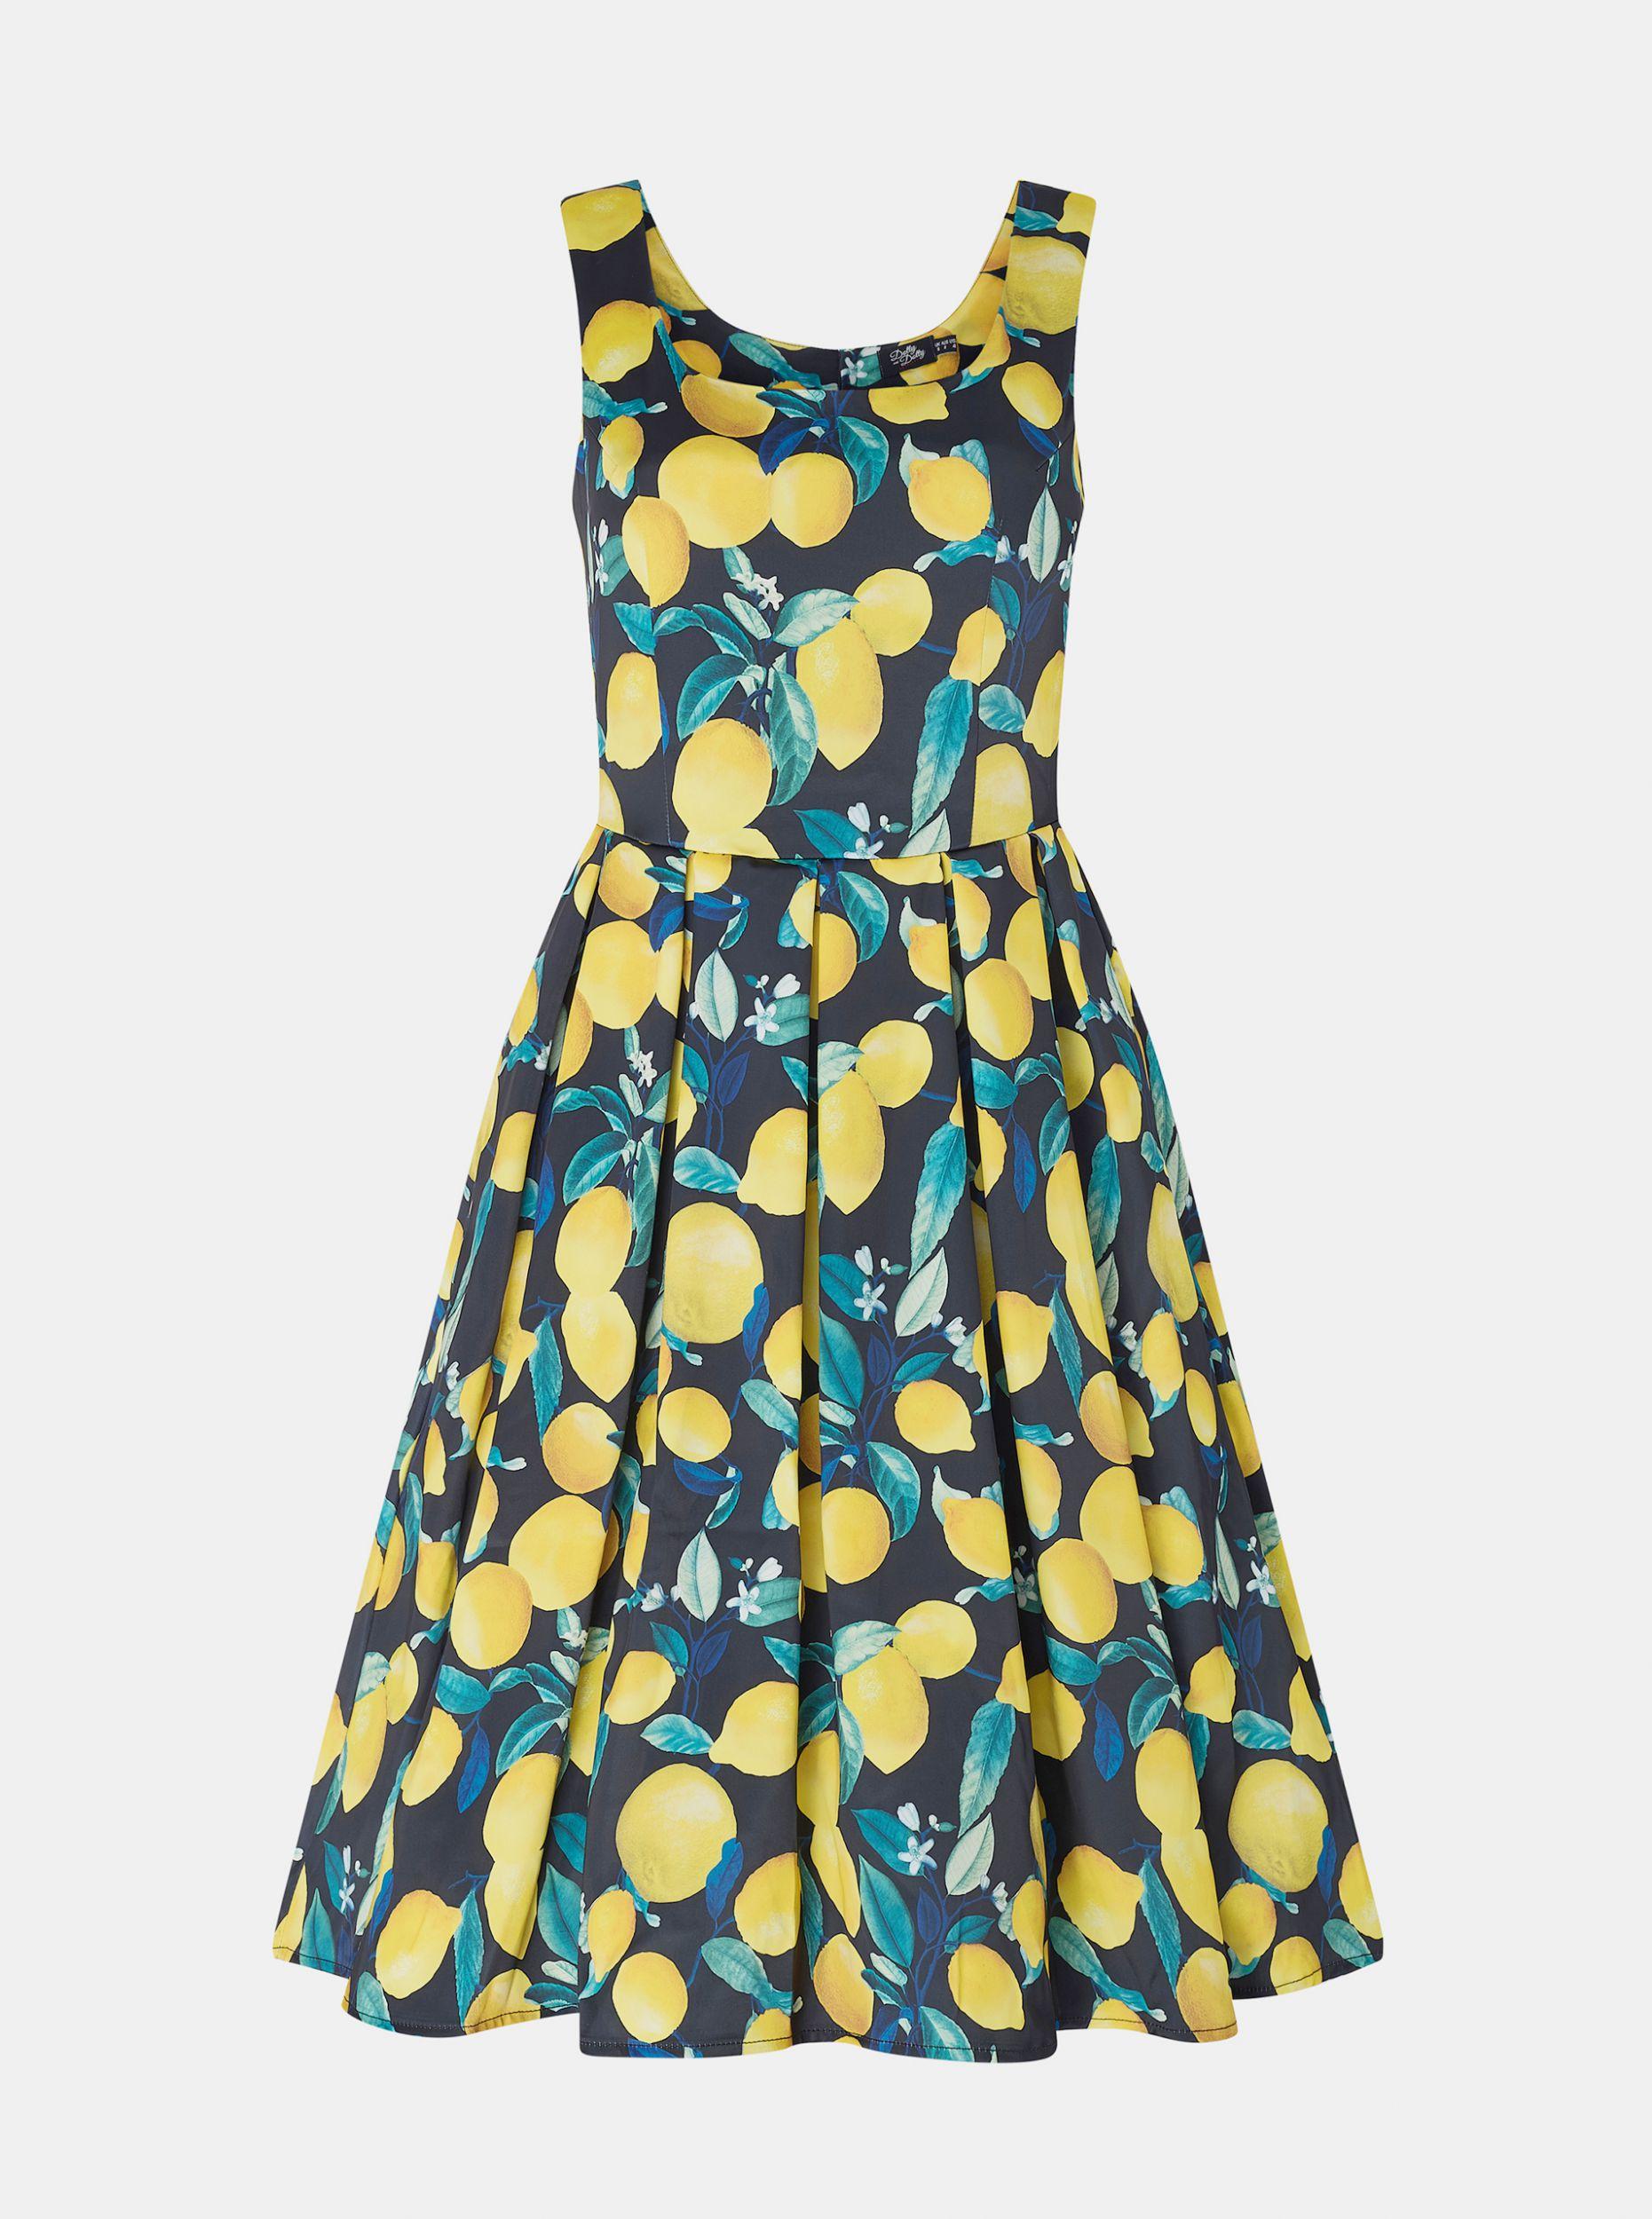 Žluto-modré vzorované šaty Dolly & Dotty